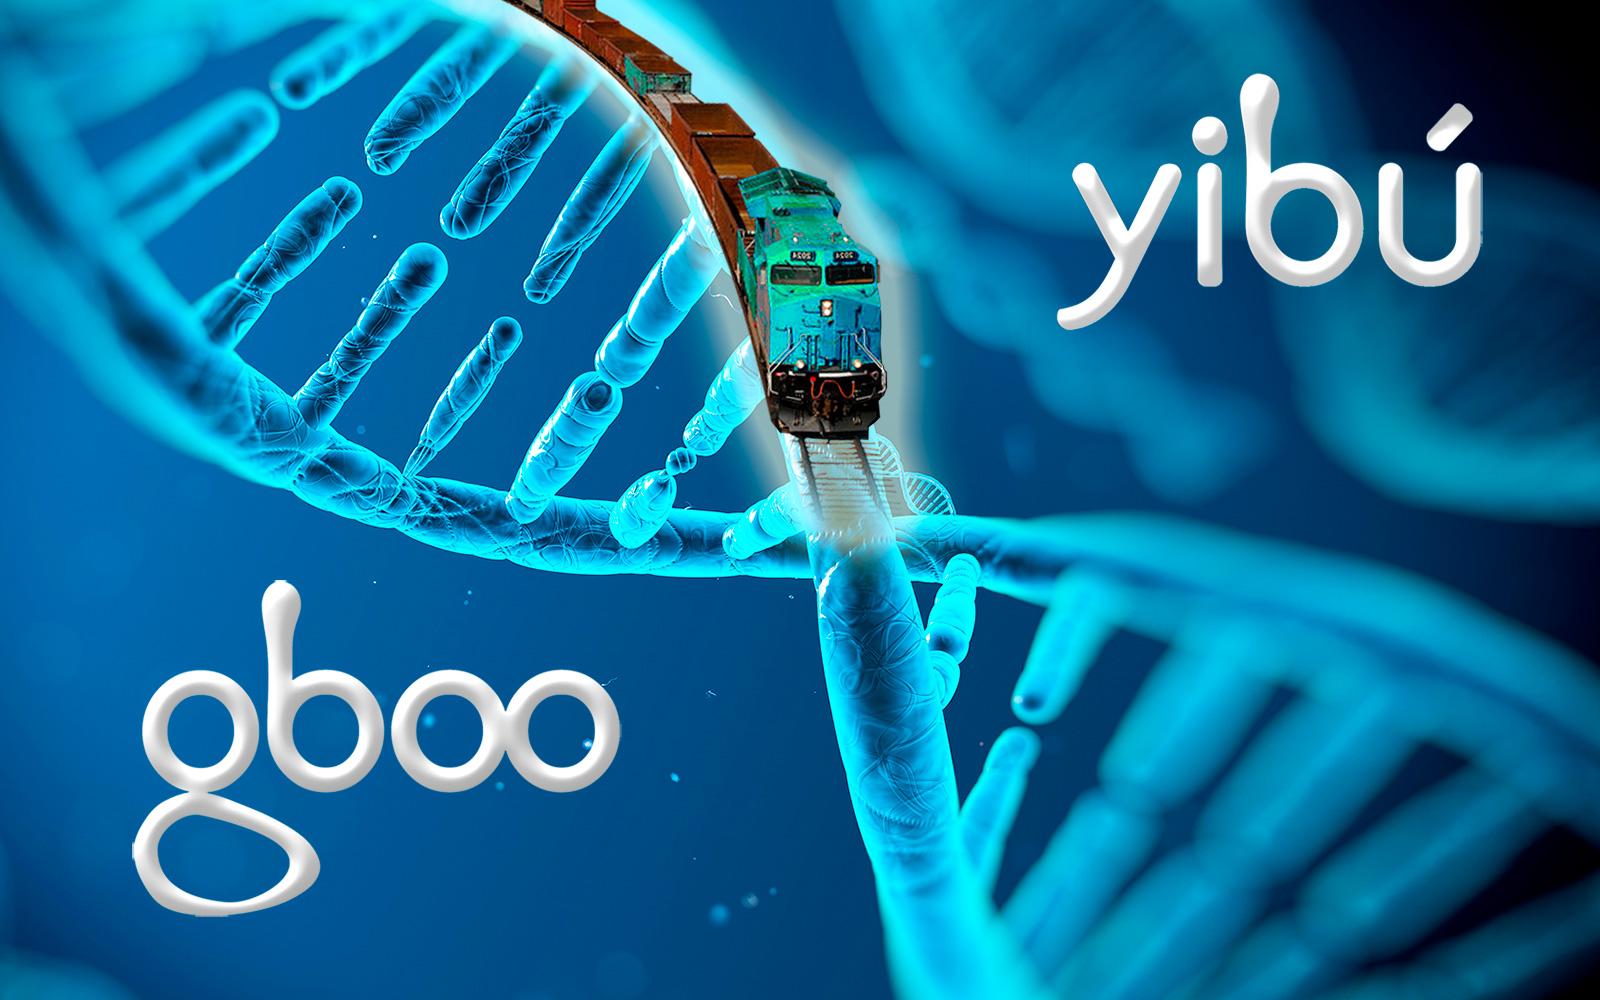 Yibu es Gboo Agencia creativa digital